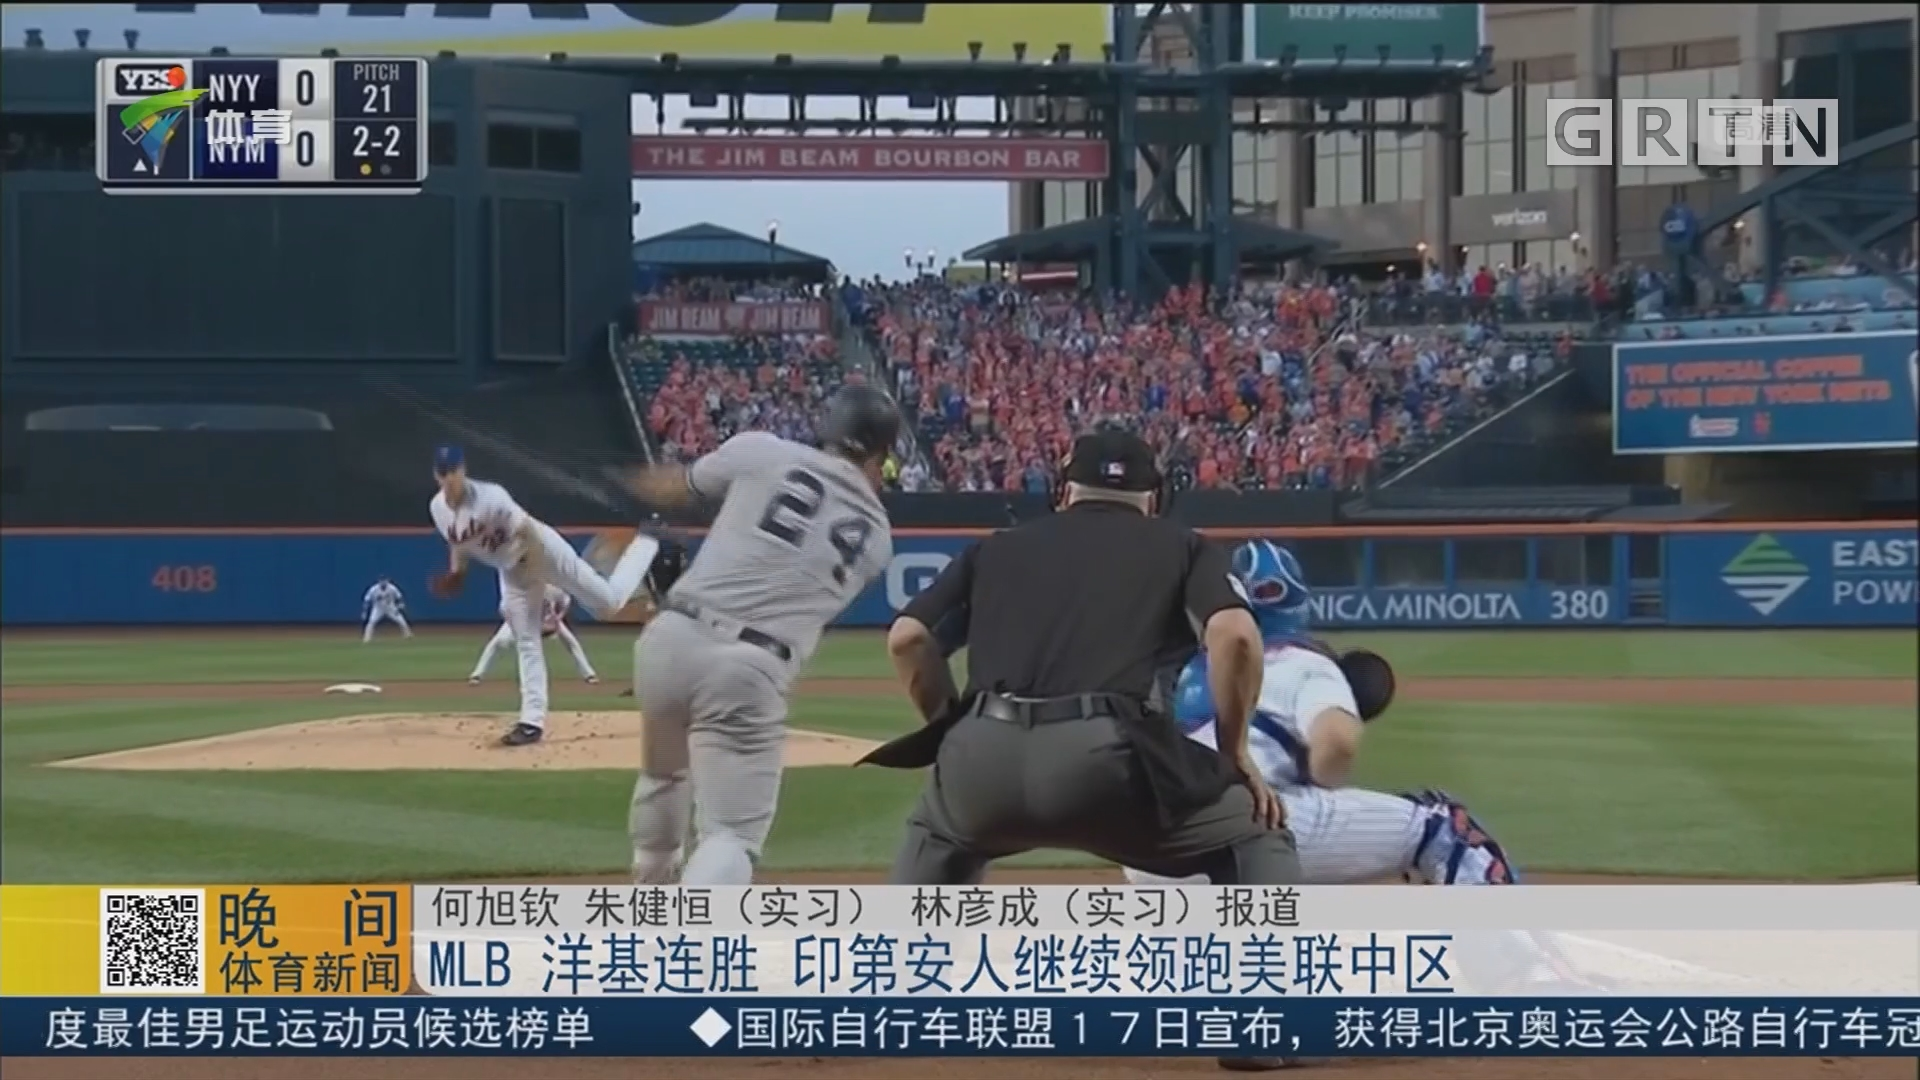 MLB 洋基连胜 印第安人继续领跑美联中区